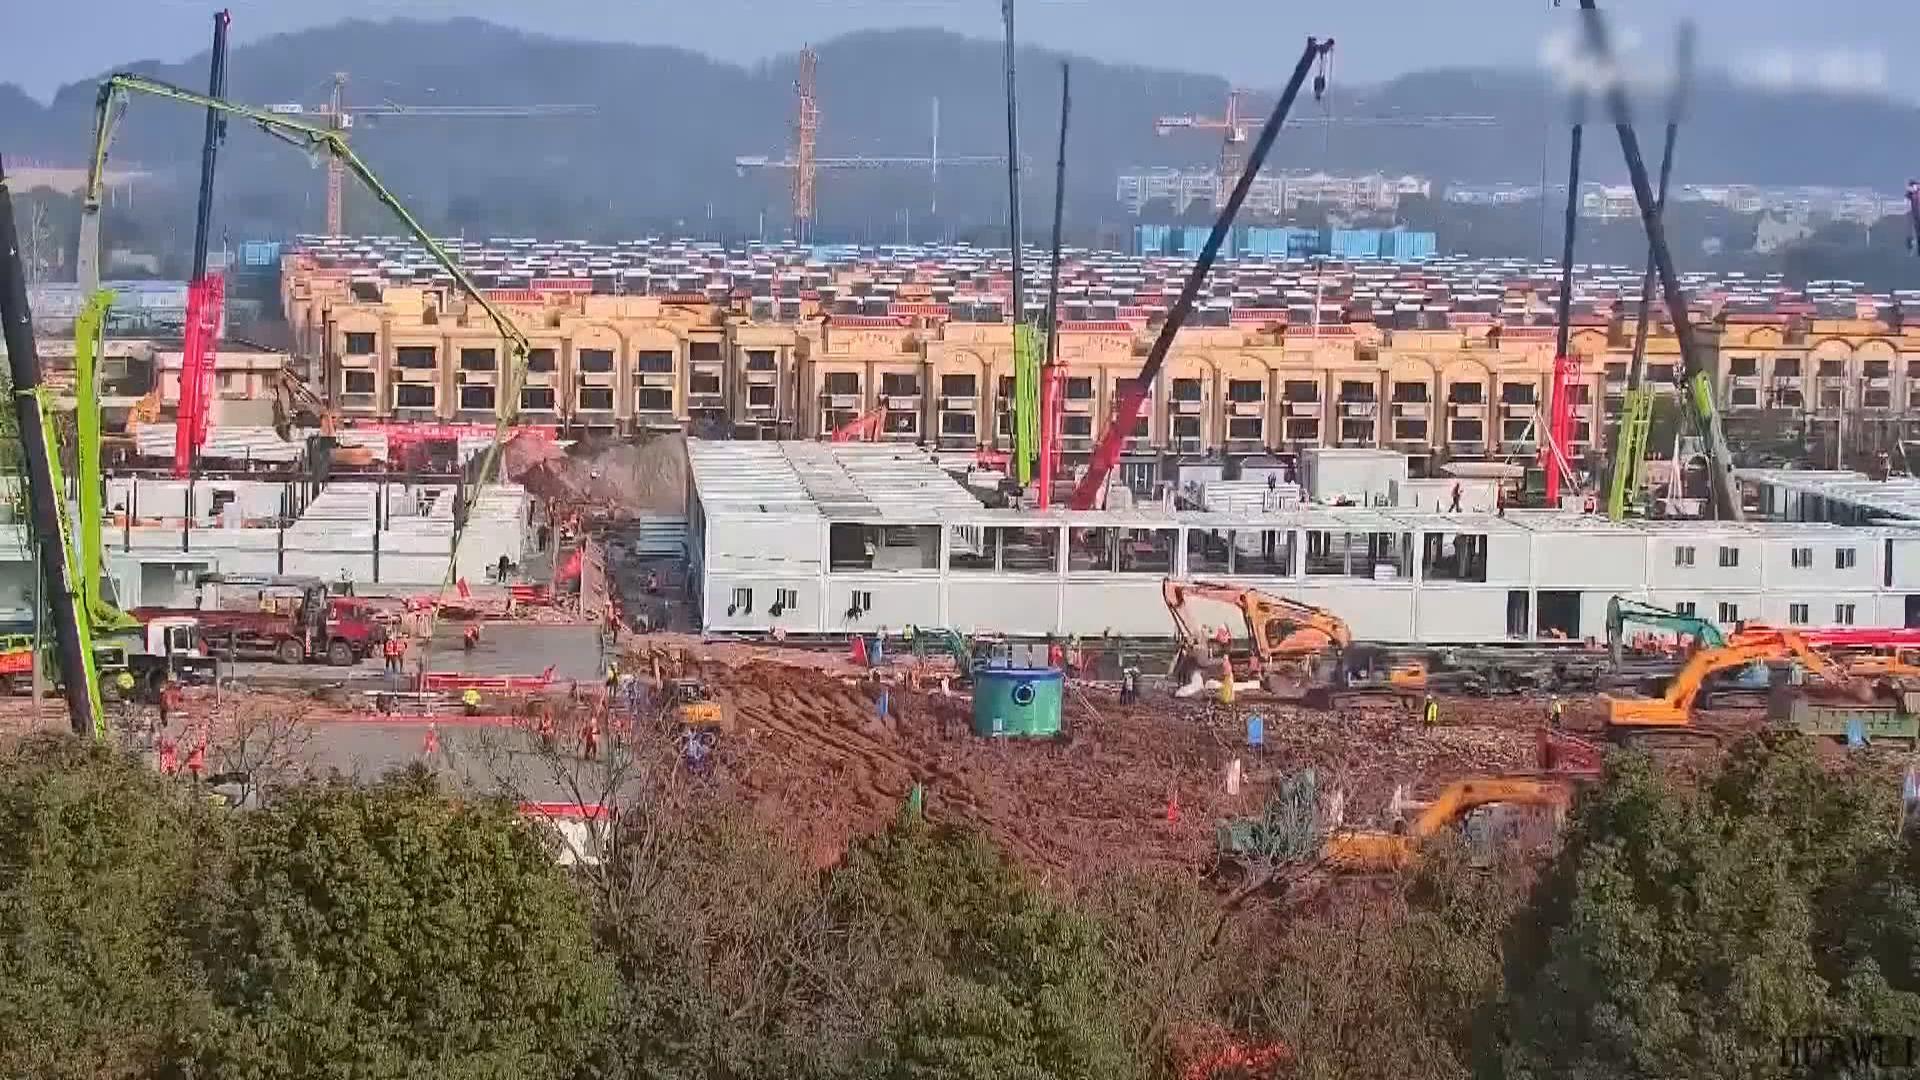 武漢火神山醫院2月3日可收治病人